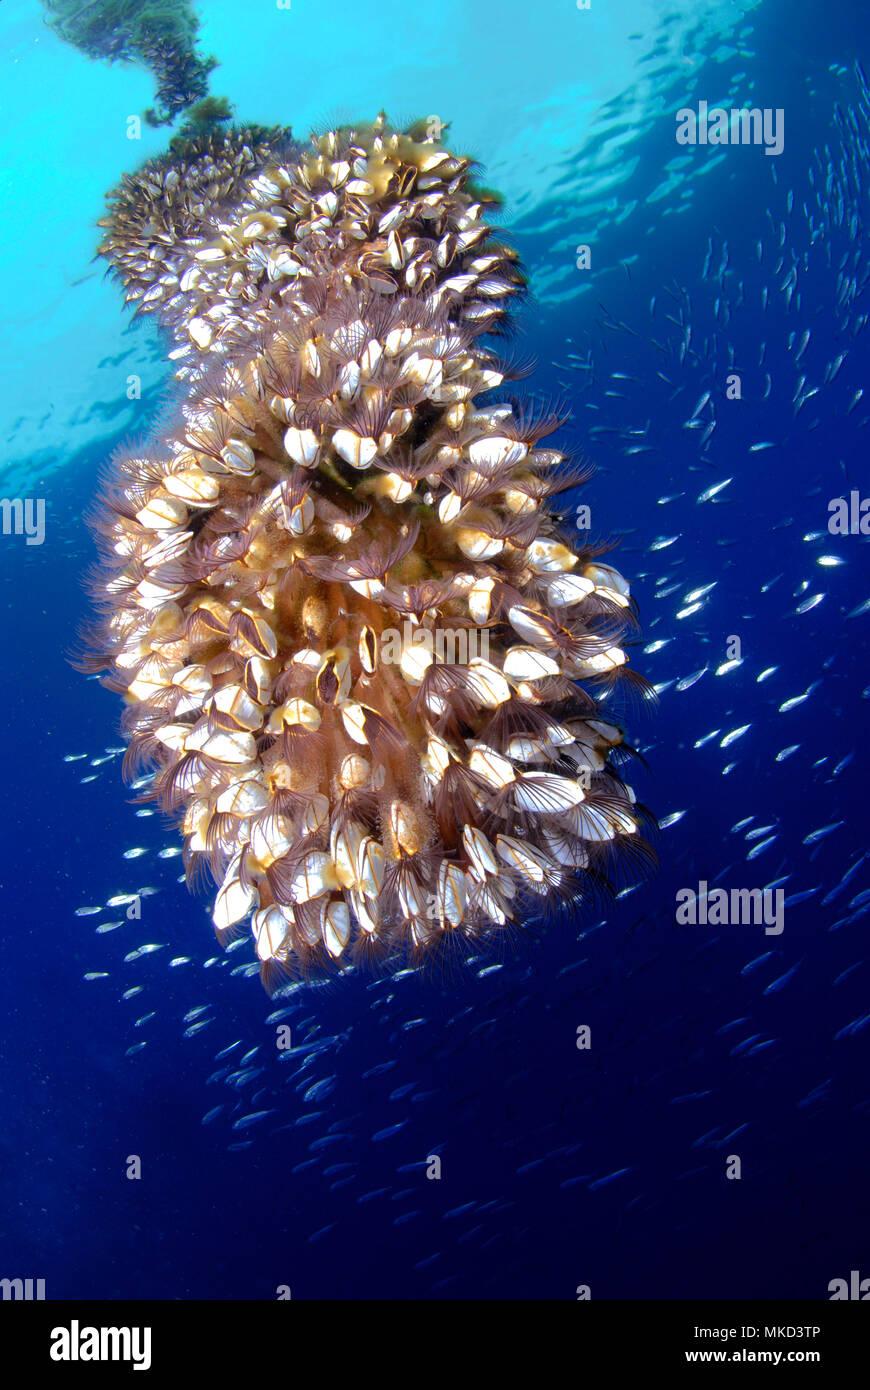 Cuello de cisne pelágicas o suave cuello de cisne percebe percebe (Lepas anatifera), Tenerife, Islas Canarias. Foto de stock